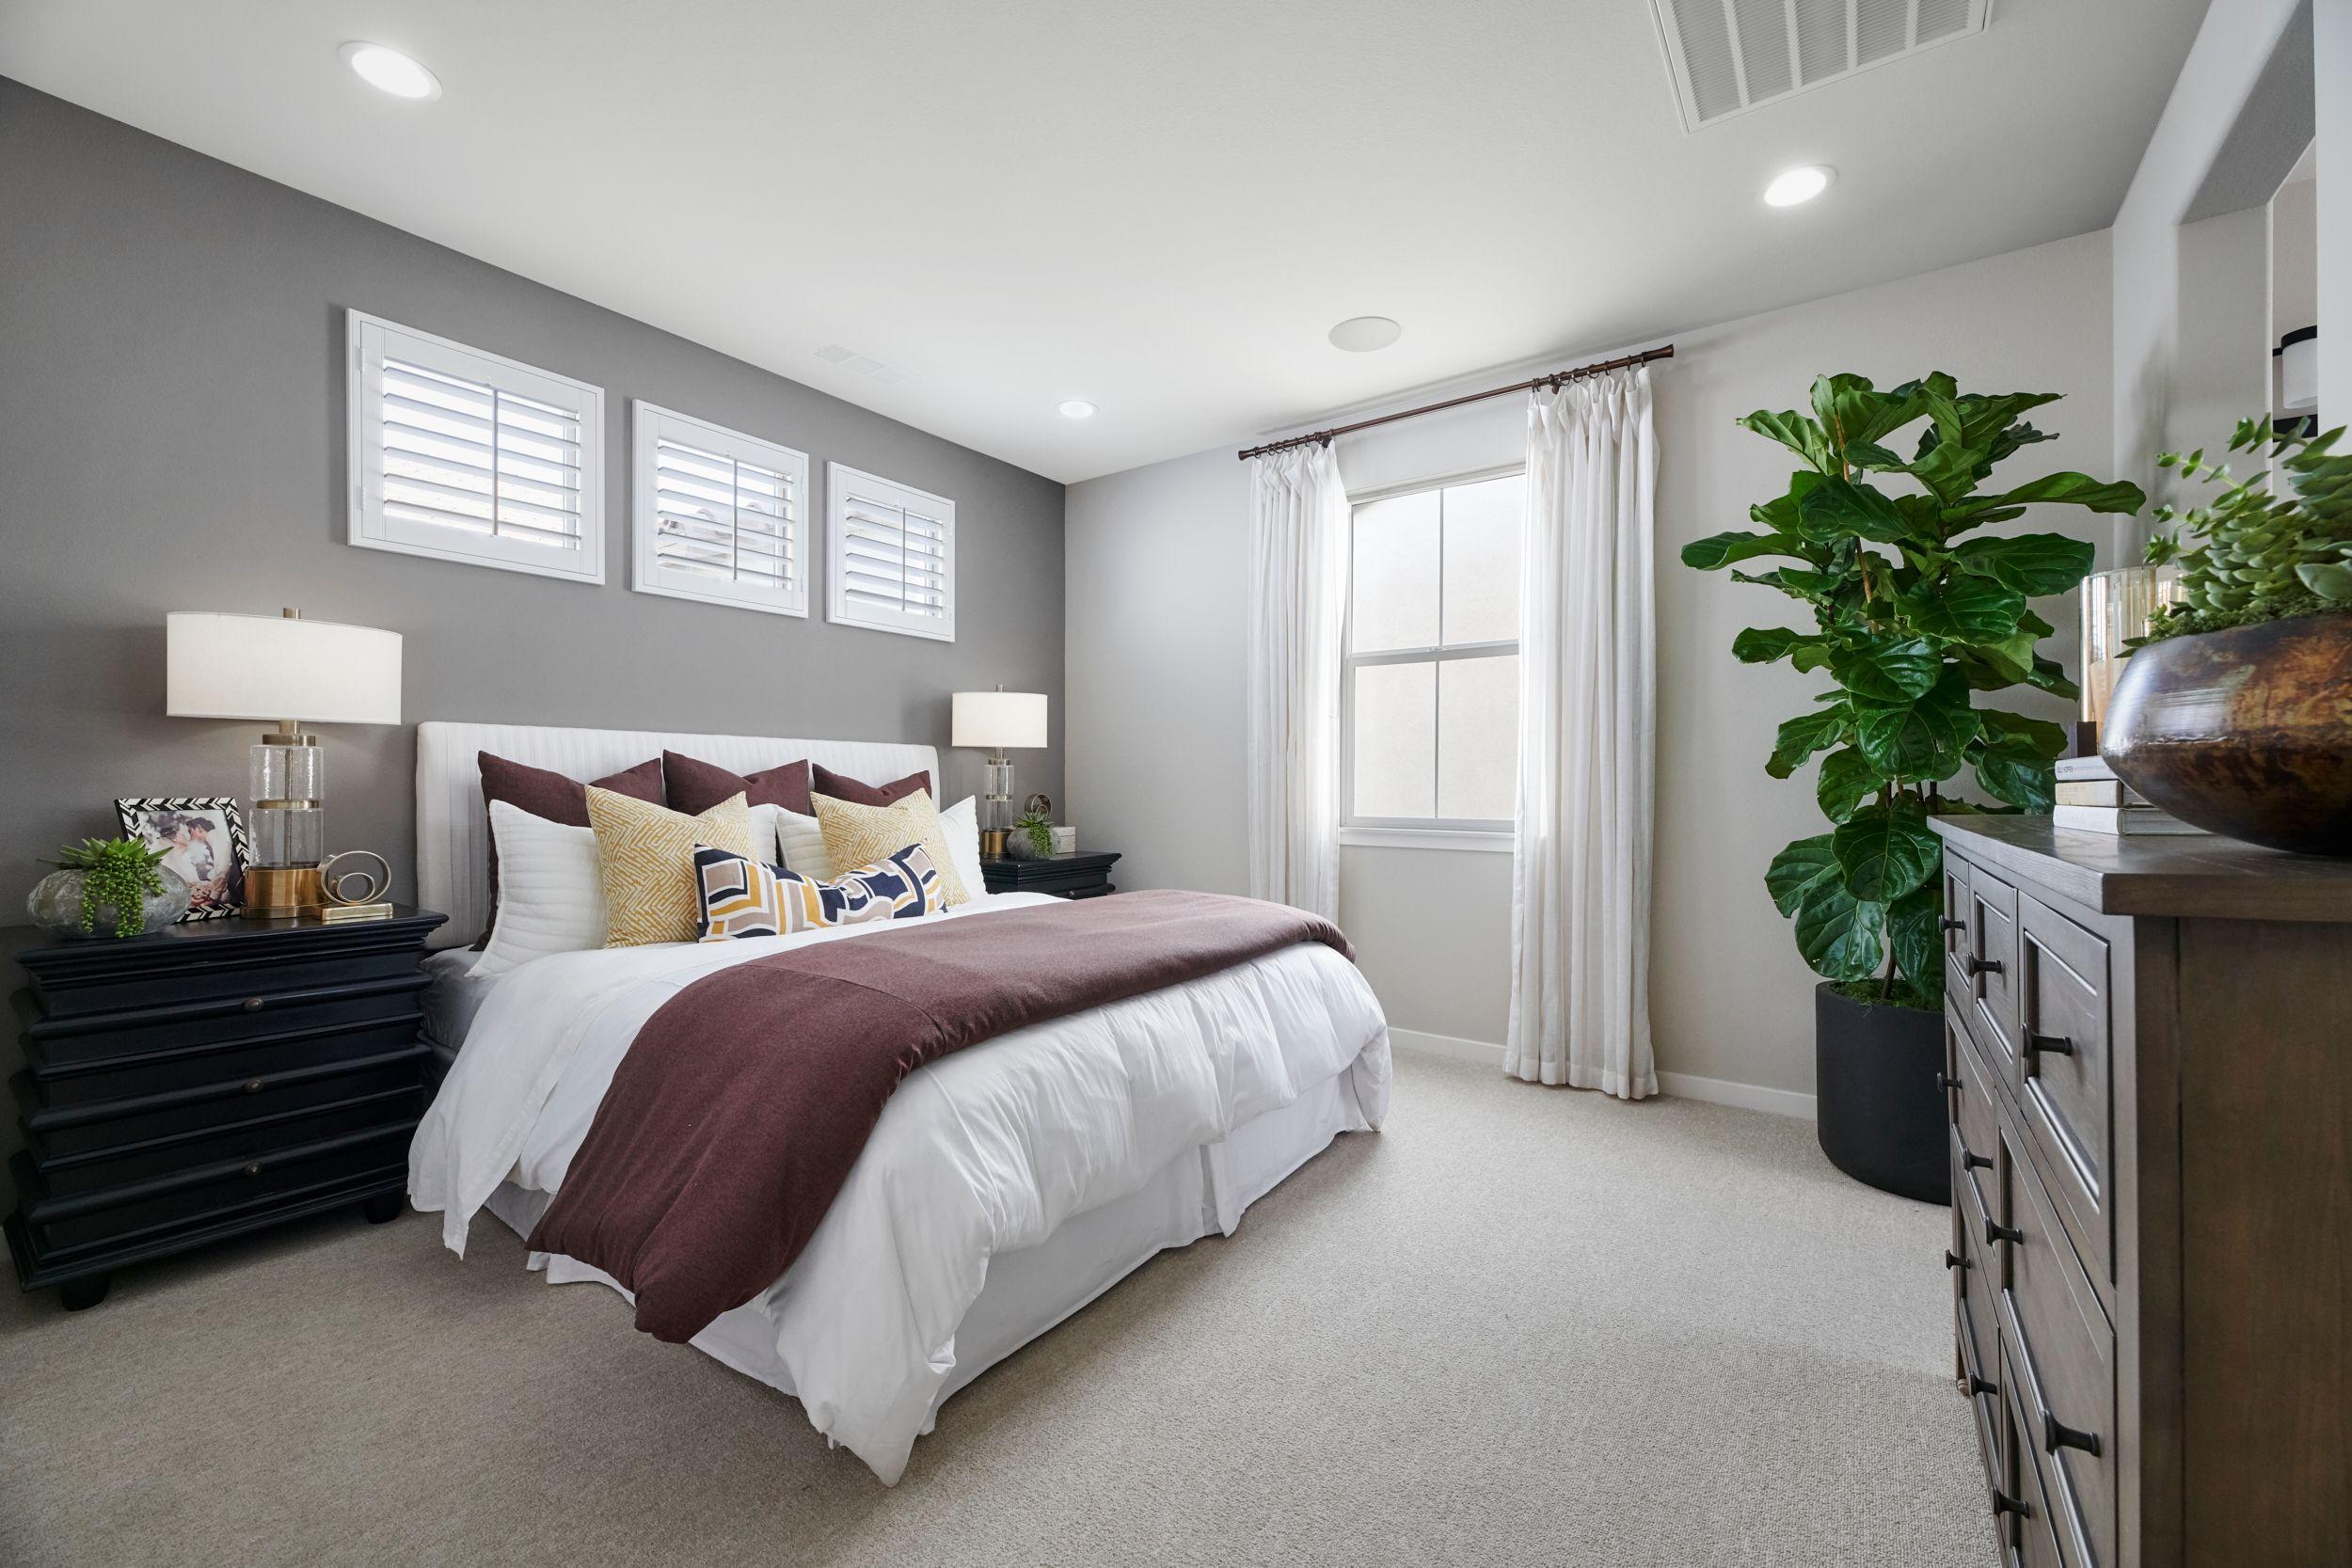 Bedroom featured in the Residence 2  By Van Daele Homes in Riverside-San Bernardino, CA